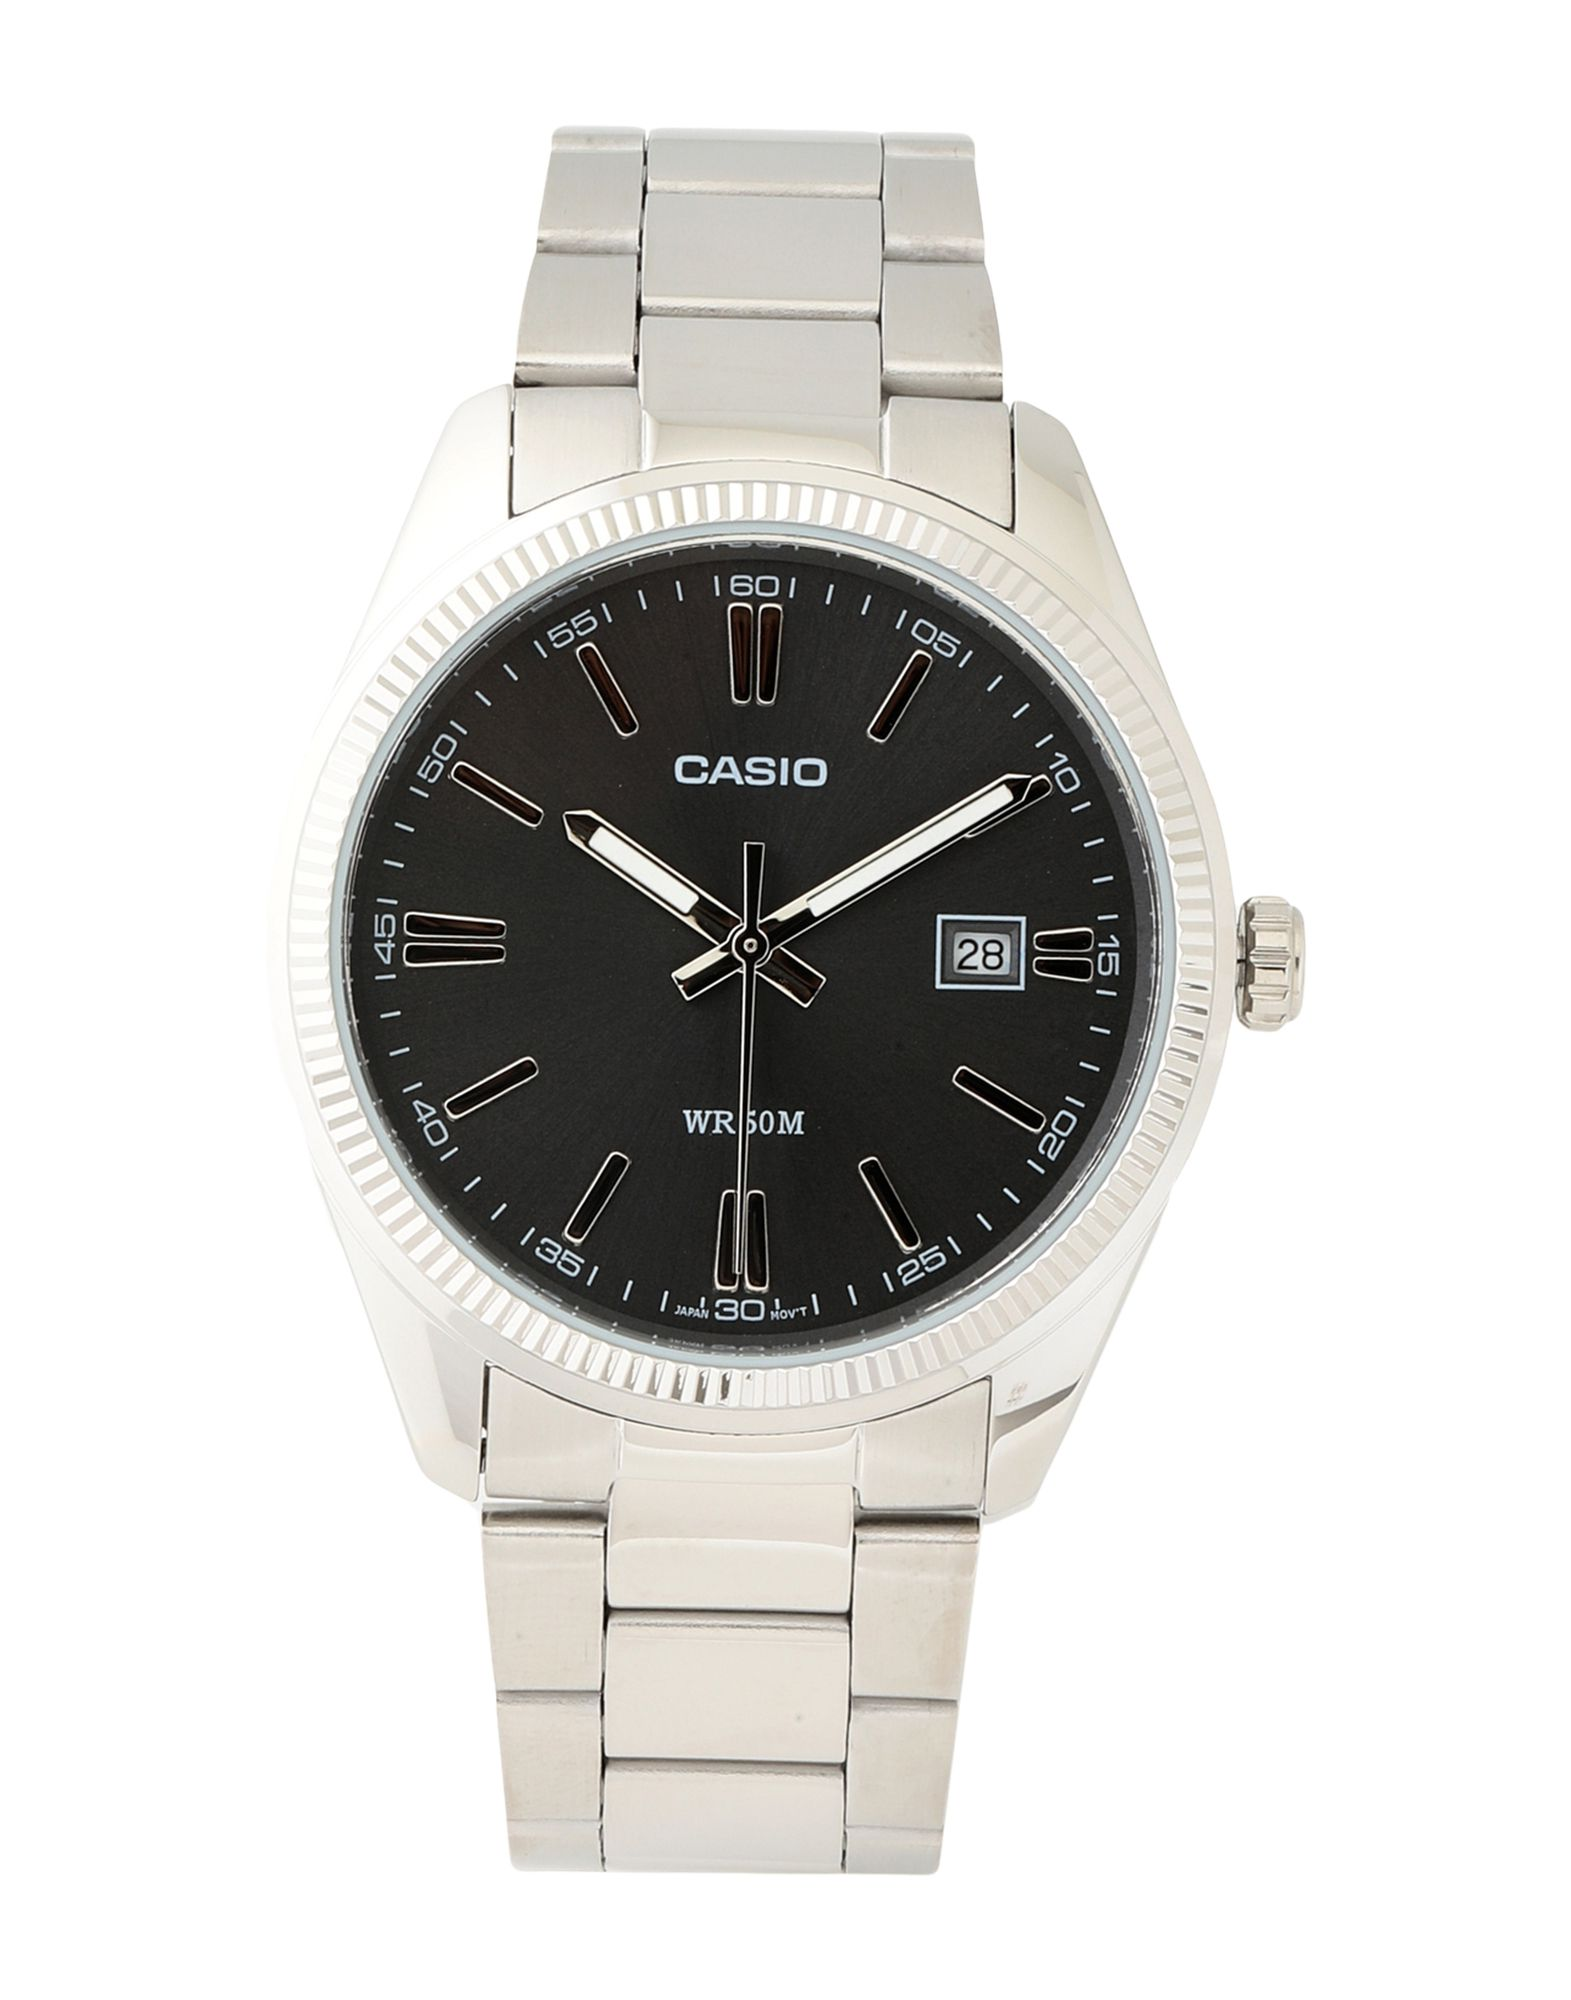 CASIO Наручные часы наручные часы sunlight s307agh 01lh